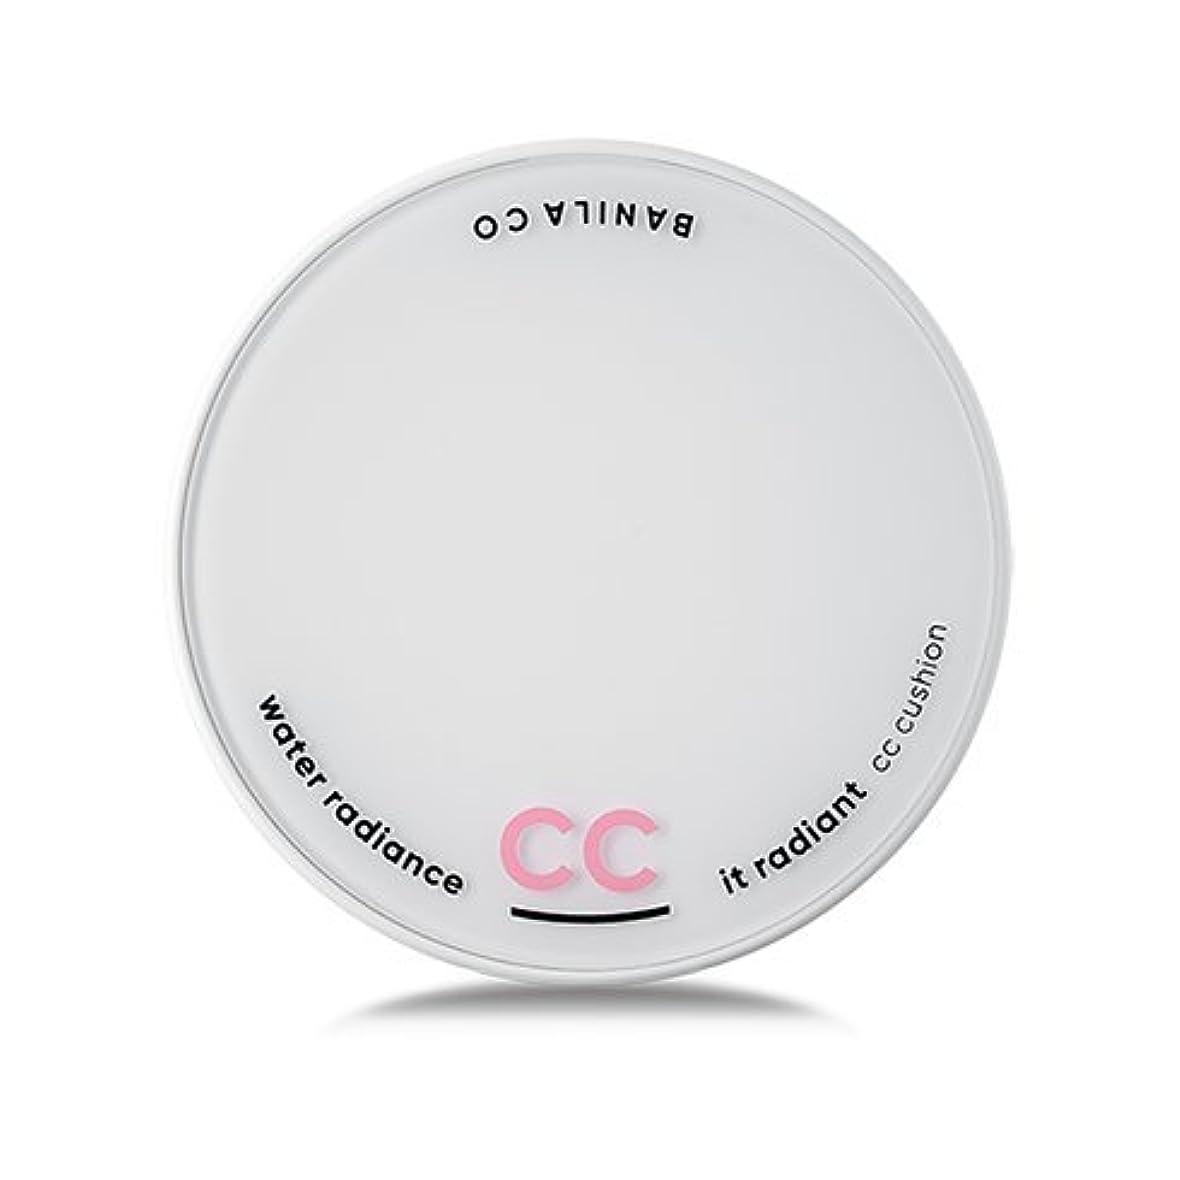 虐殺成熟ワーディアンケース[Renewal] BANILA CO It Radiant CC Cushion 15g + Refill 15g/バニラコ イット ラディアント CC クッション 15g + リフィル 15g (#Light Beige) [並行輸入品]